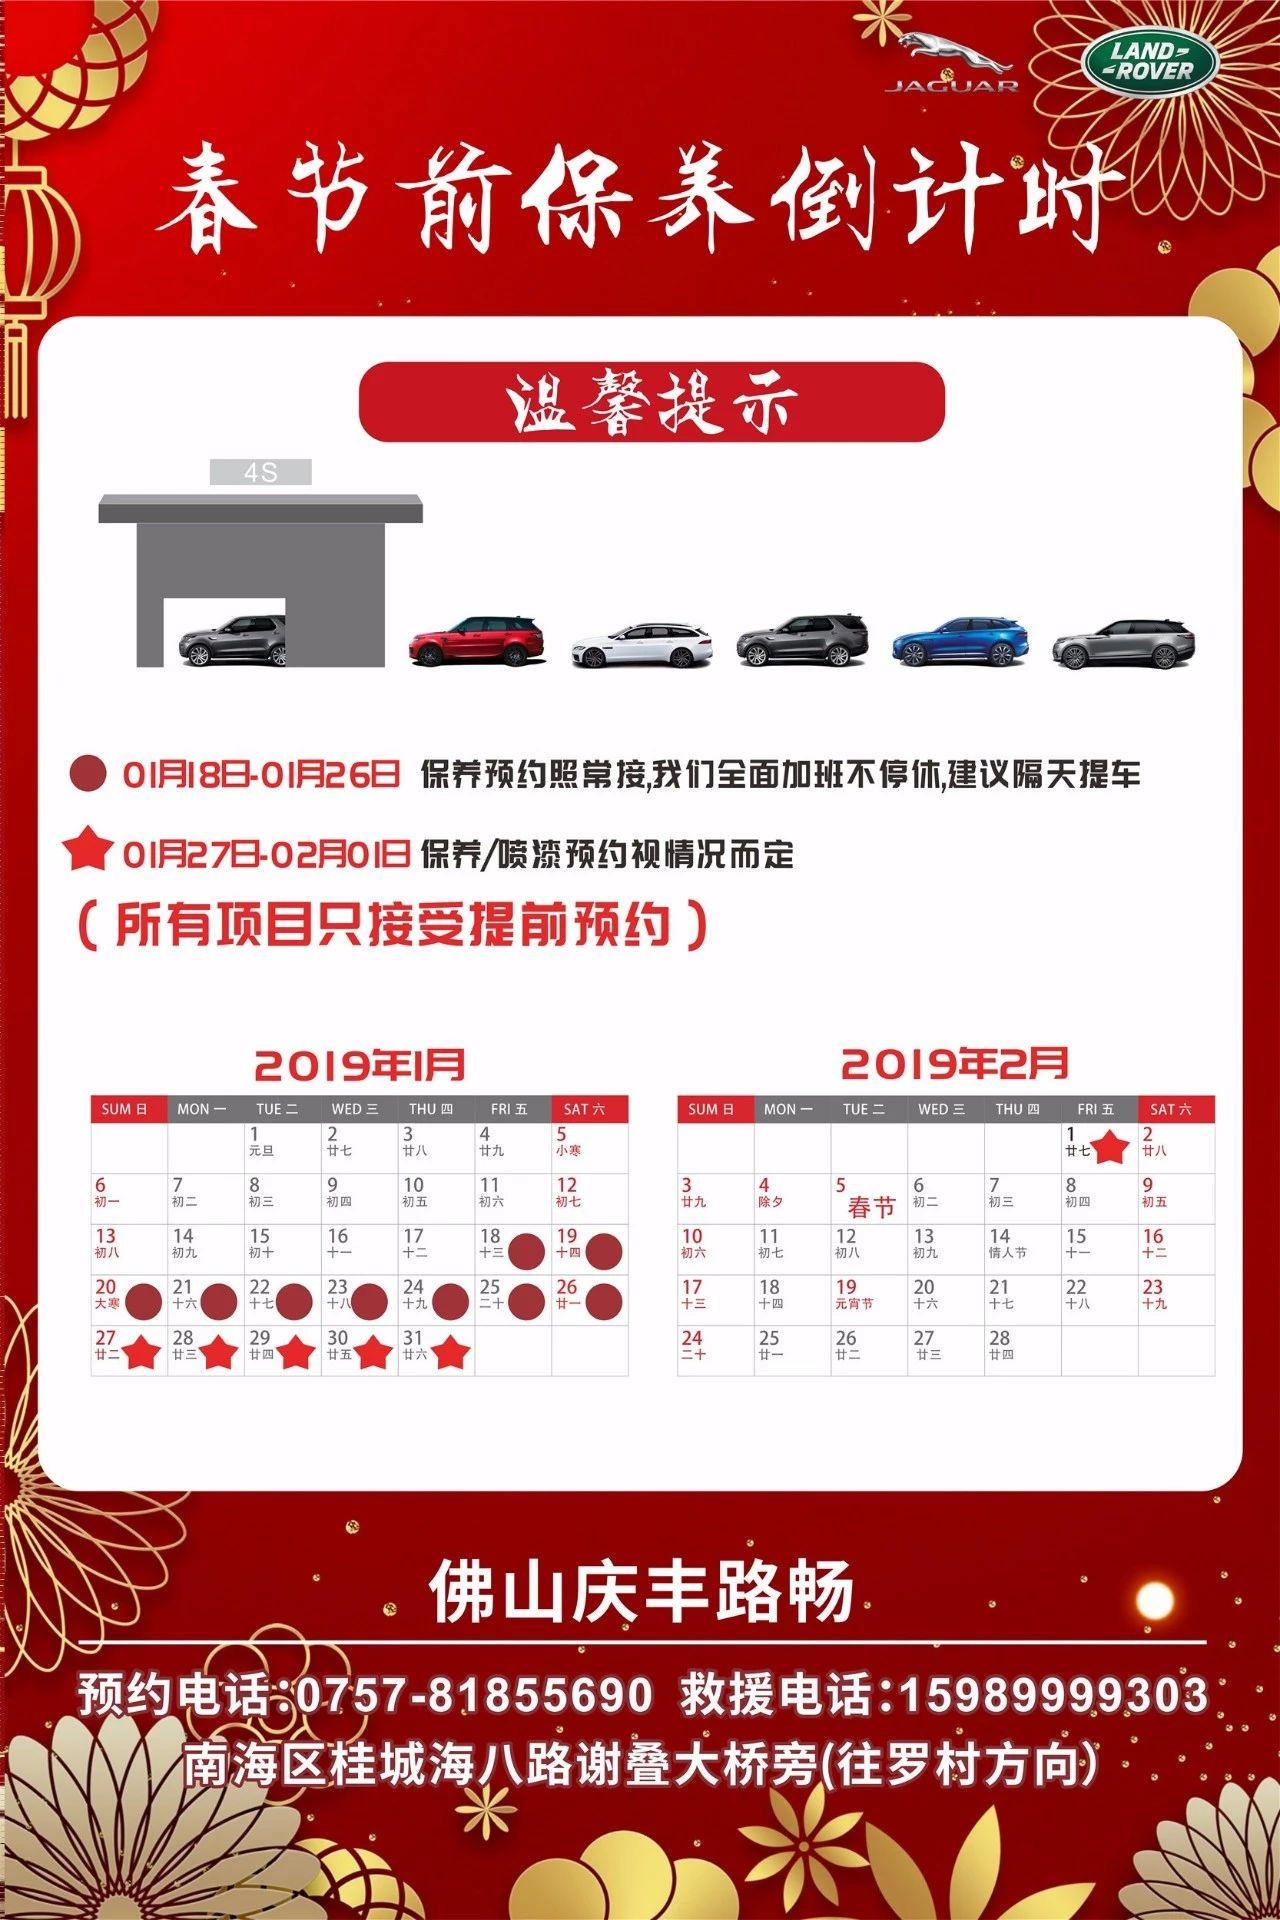 快春节了,您的爱车准备好过年了么?